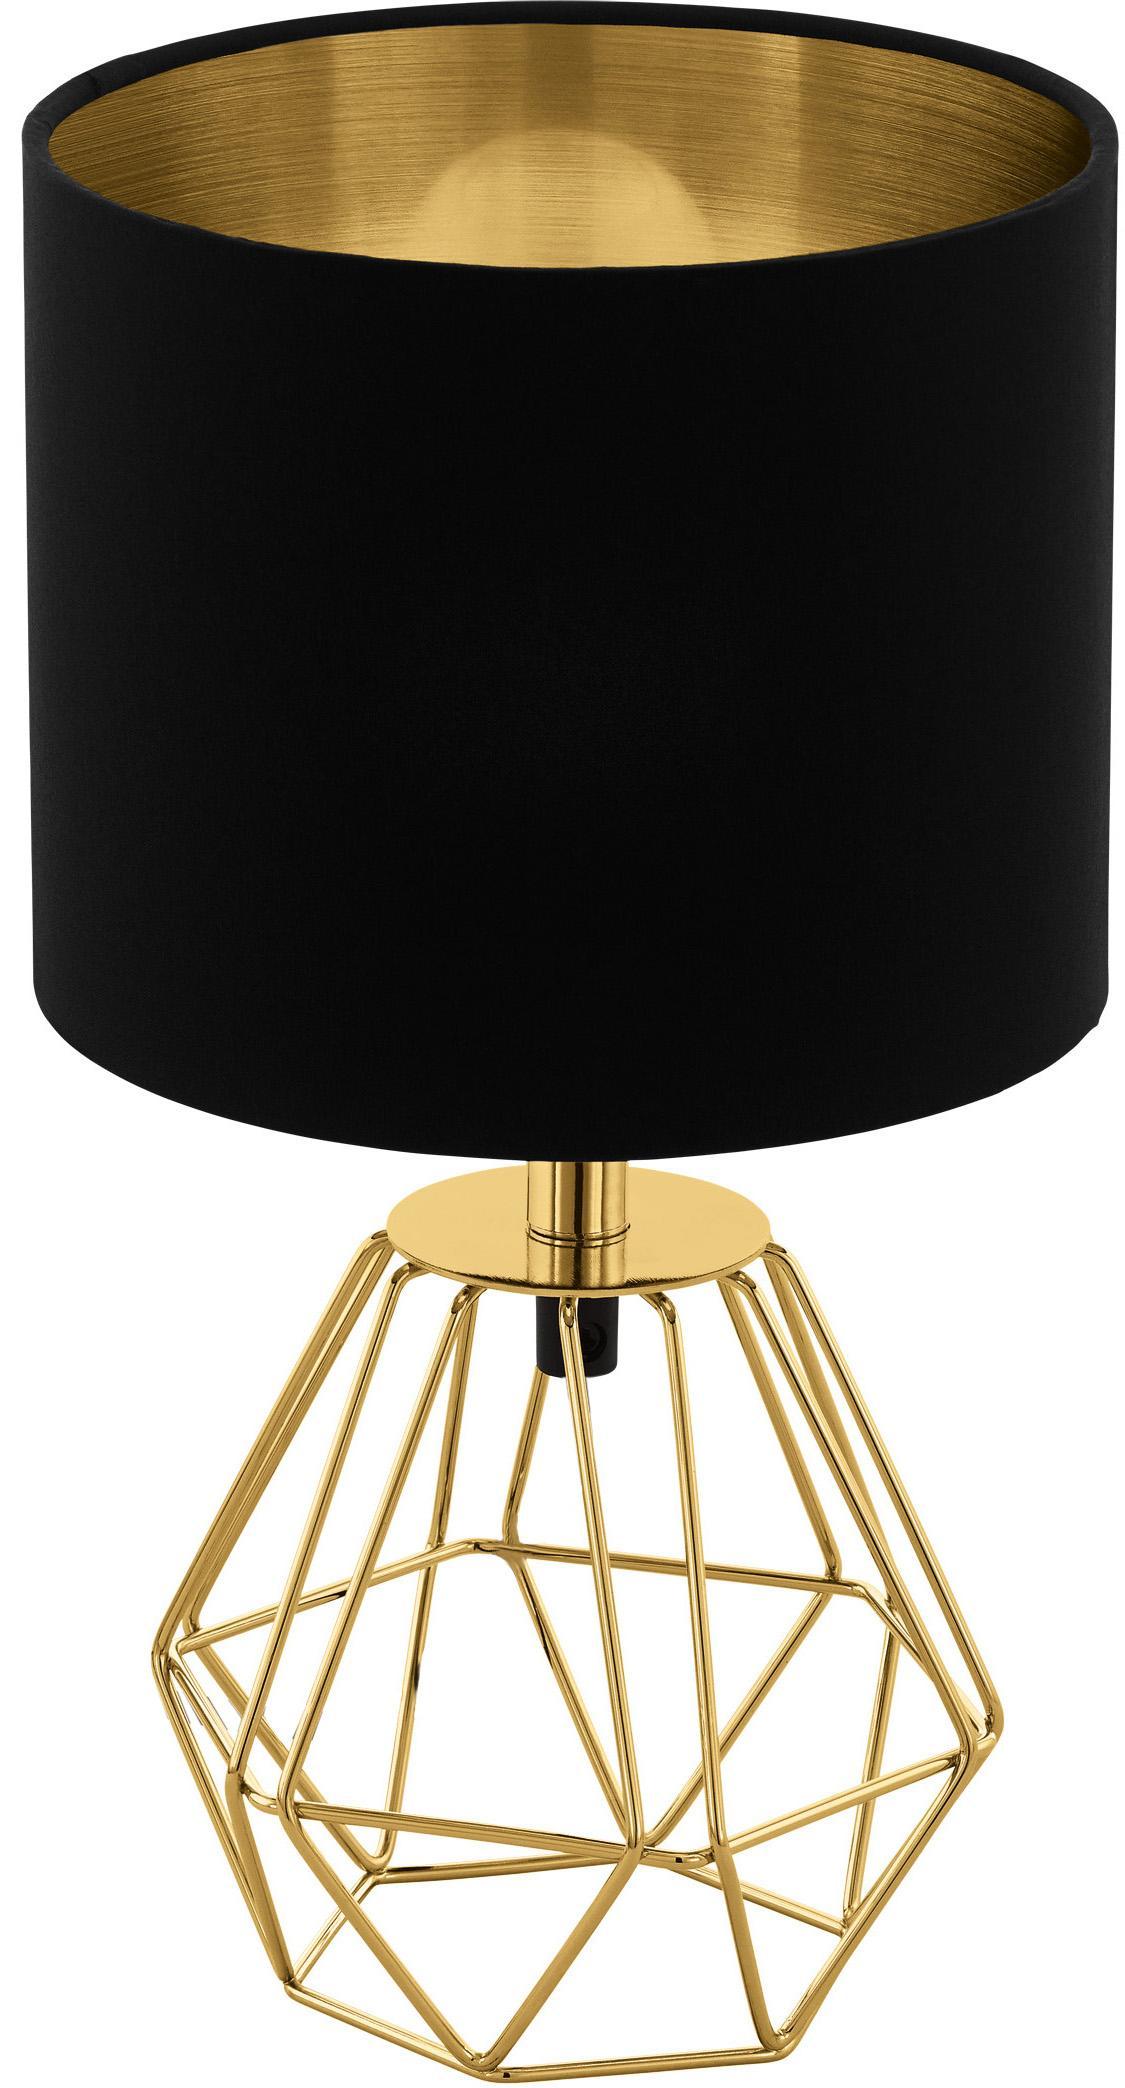 Tischleuchte Phil in Schwarz-Gold, Lampenfuß: Metall, vermessingt, Schwarz, Gold, Ø 17 x H 31 cm